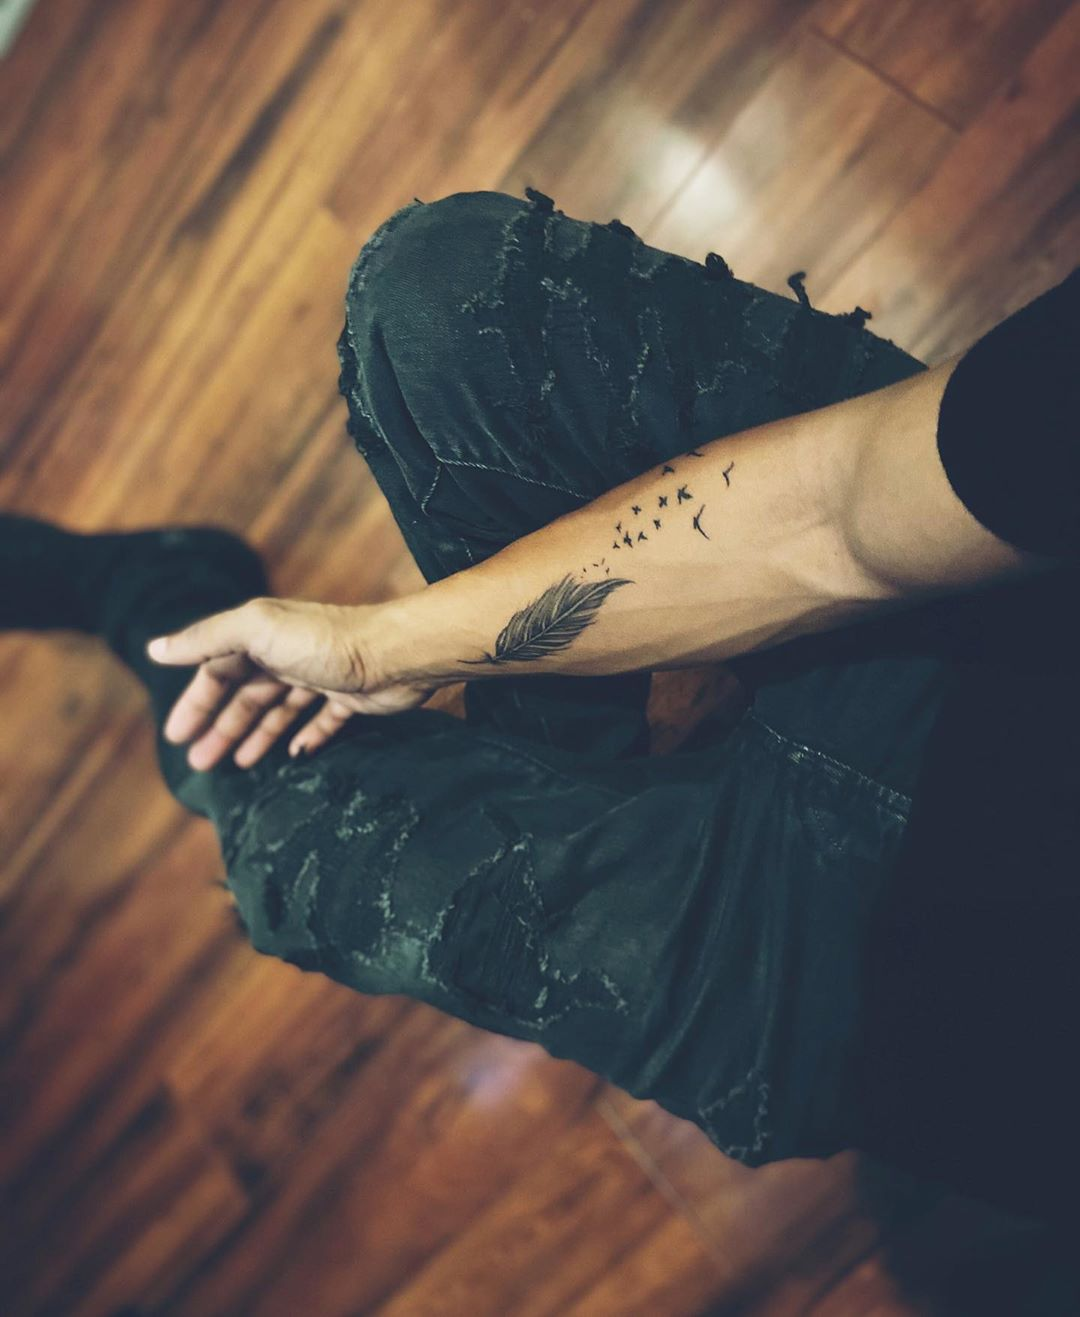 Значение тату: Перо - Значения татуировок